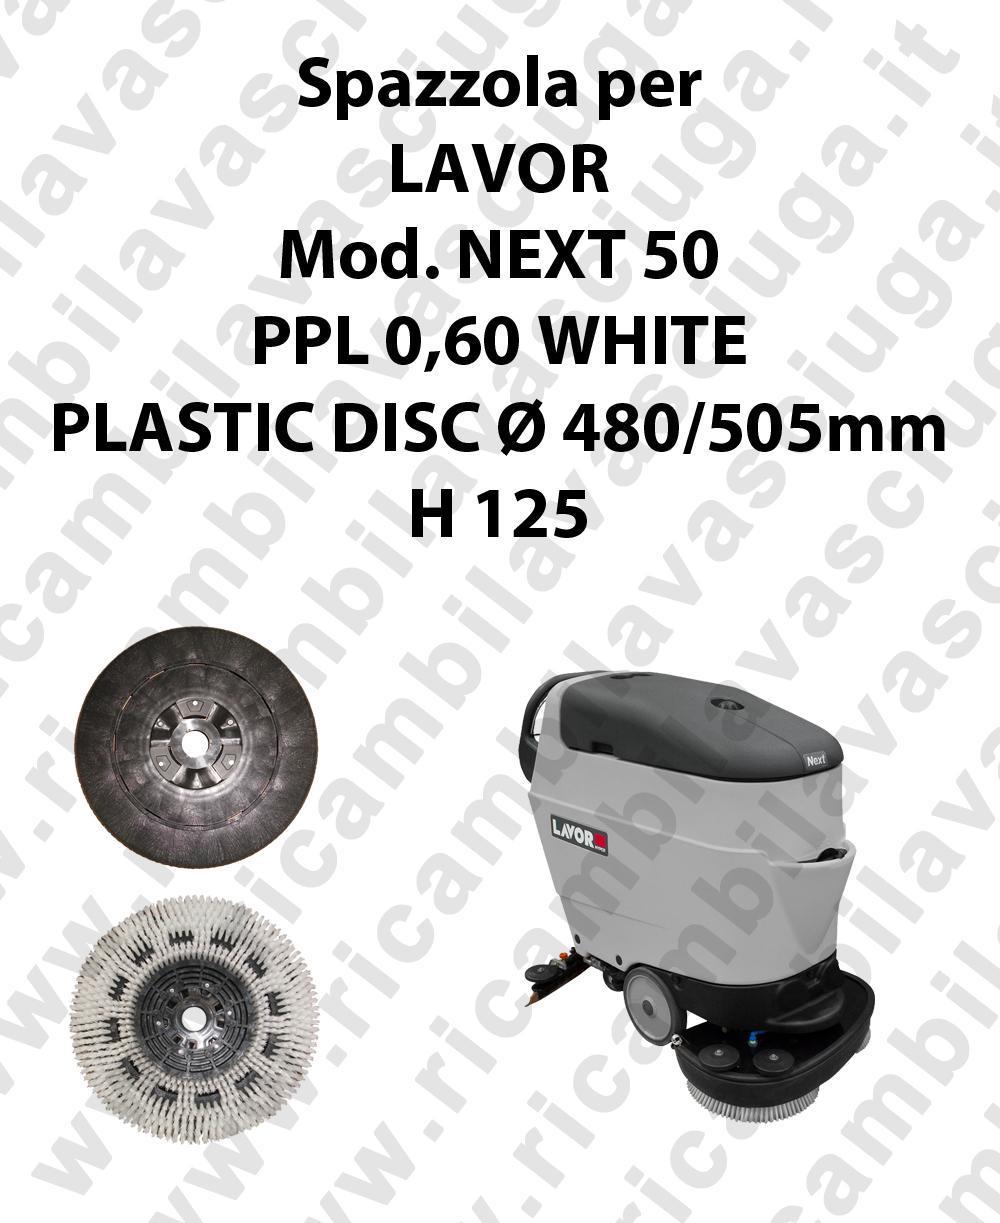 BROSSE A LAVER PPL 0,60 WHITE pour autolaveuses LAVOR Reference NEXT 50